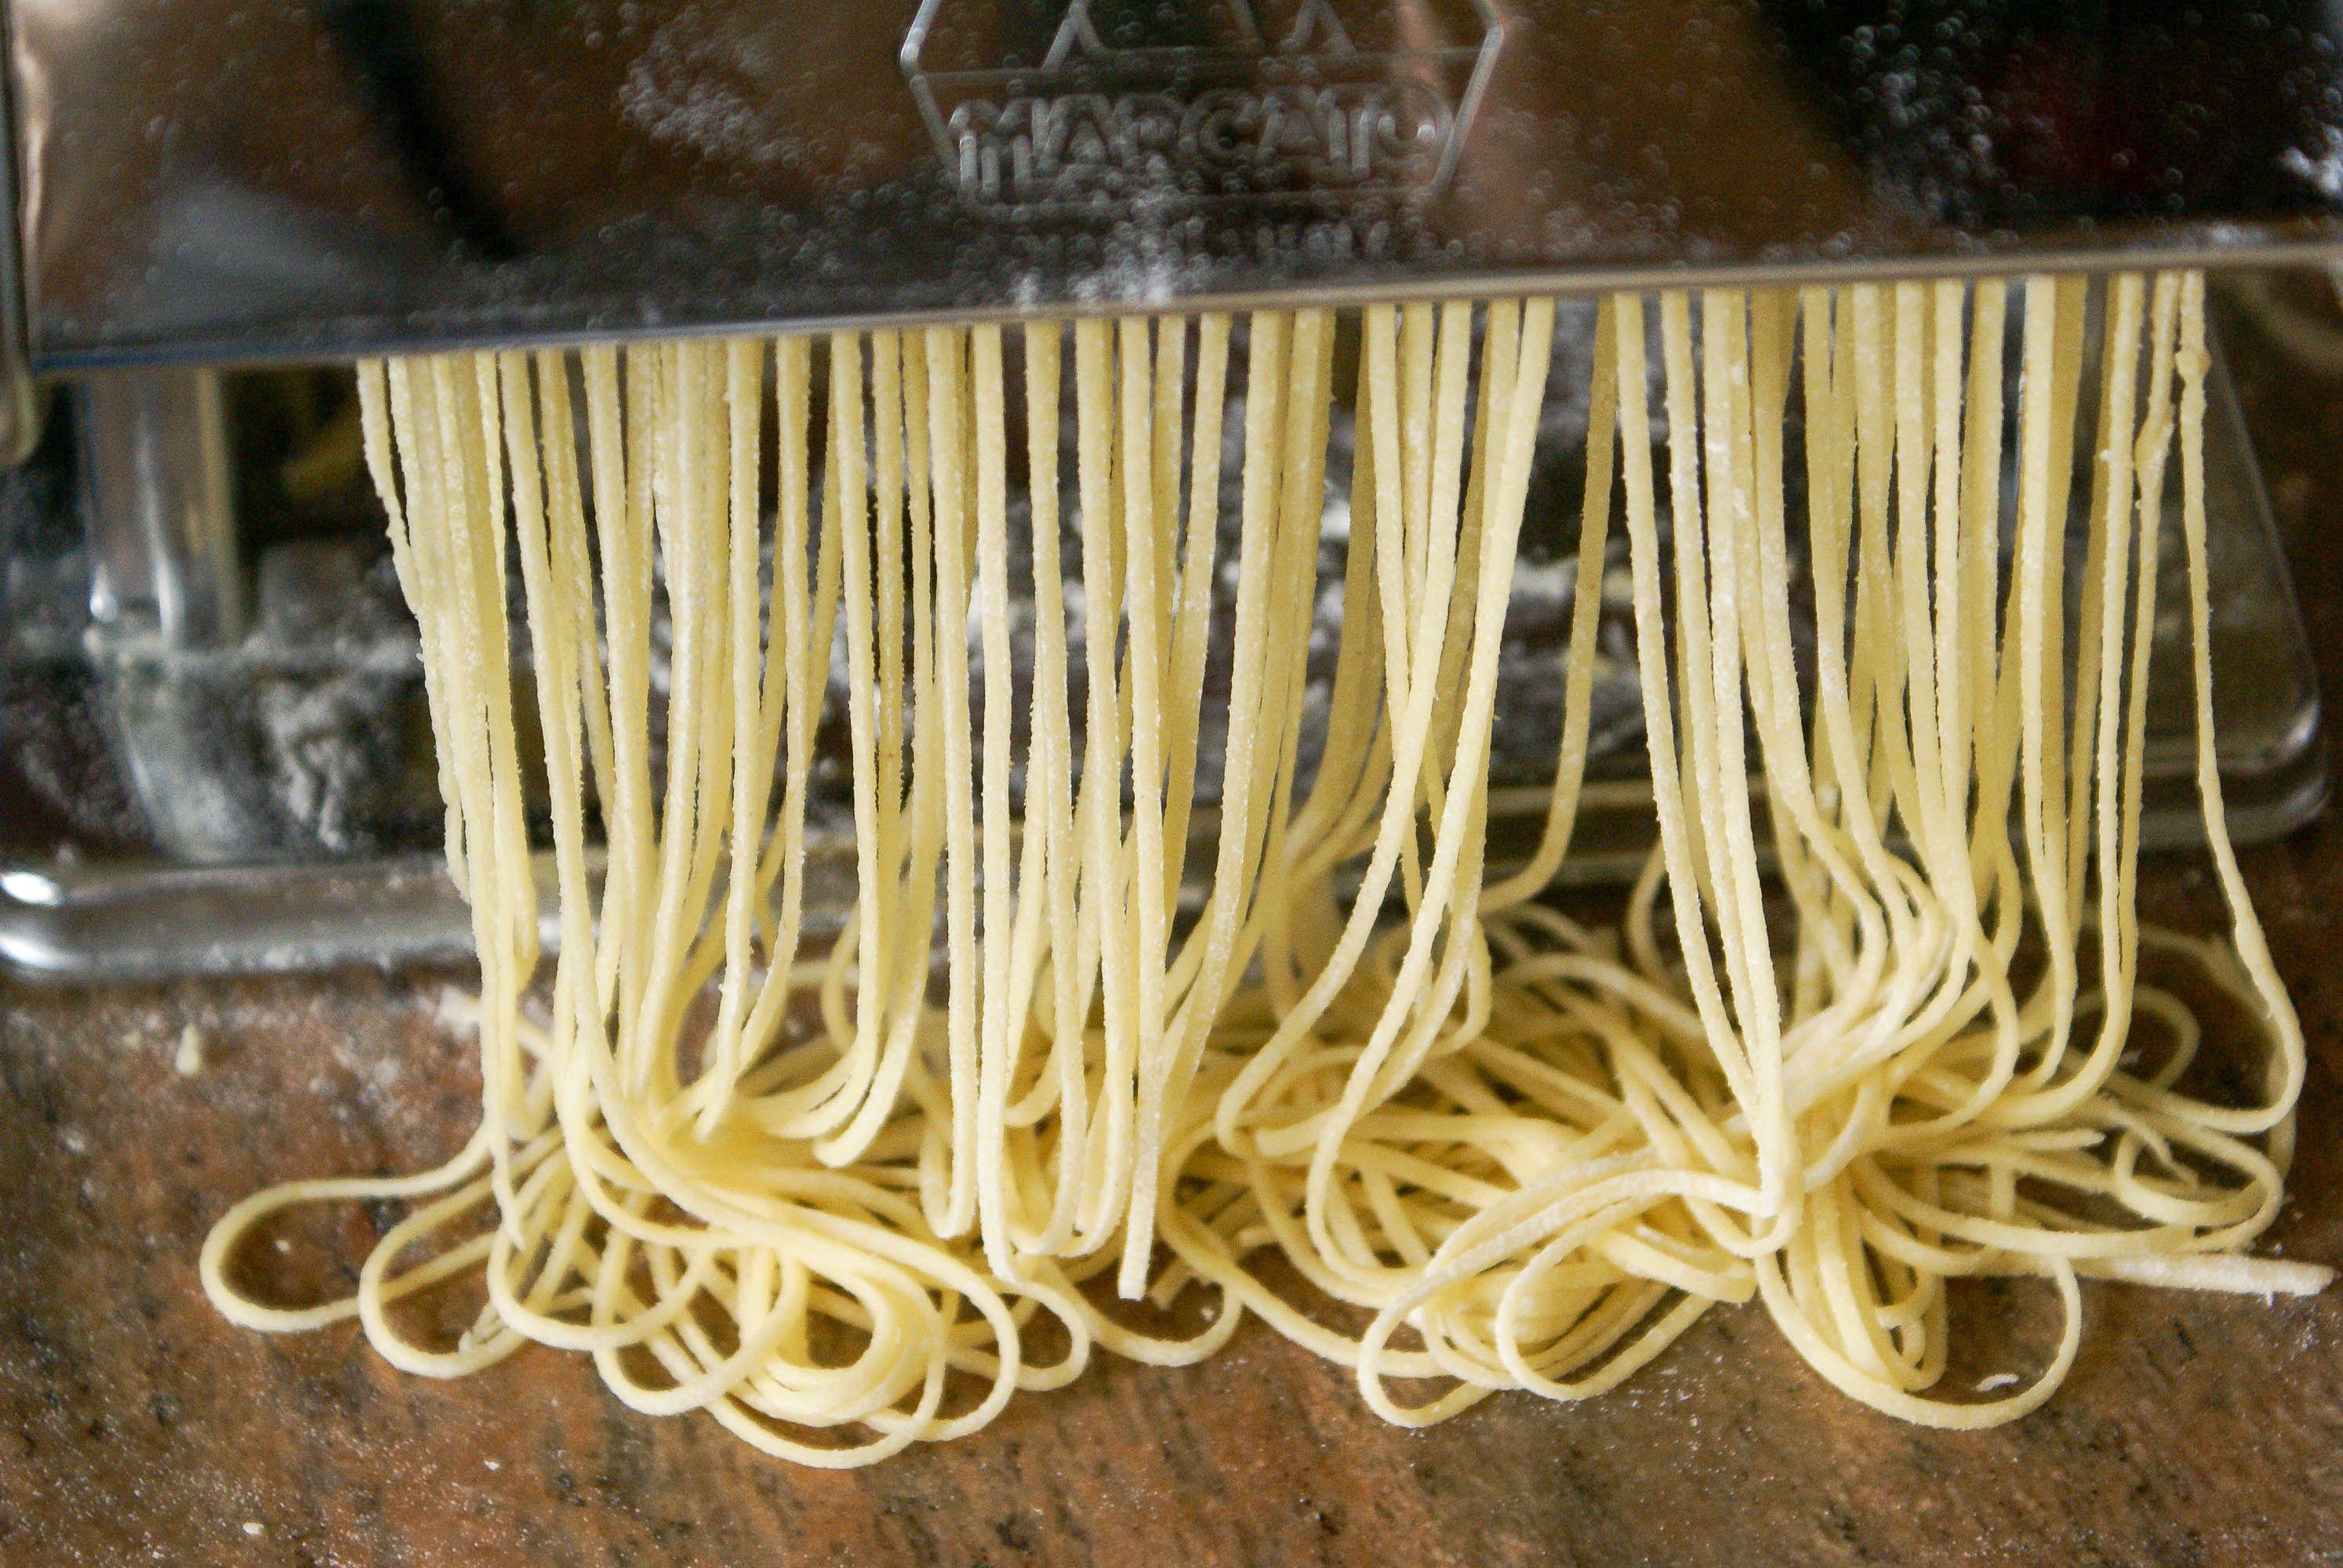 p tes fra ches maison la recette de la p te nouilles recette par chef simon pasta food. Black Bedroom Furniture Sets. Home Design Ideas